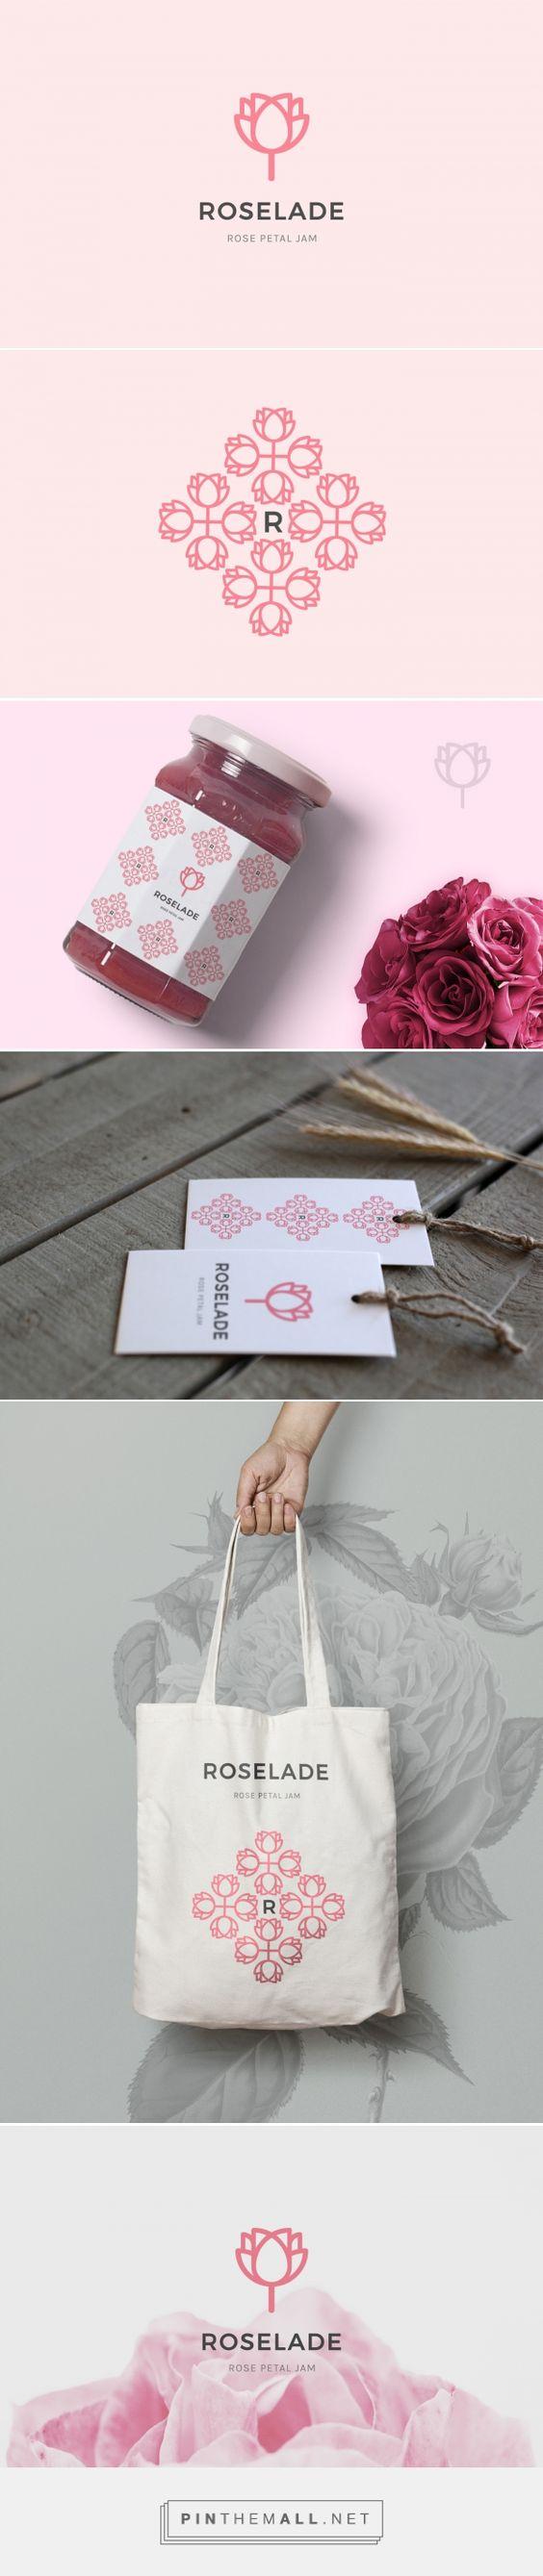 Roselade Branding on Behance | Fivestar Branding – Design and Branding Agency & Inspiration Gallery